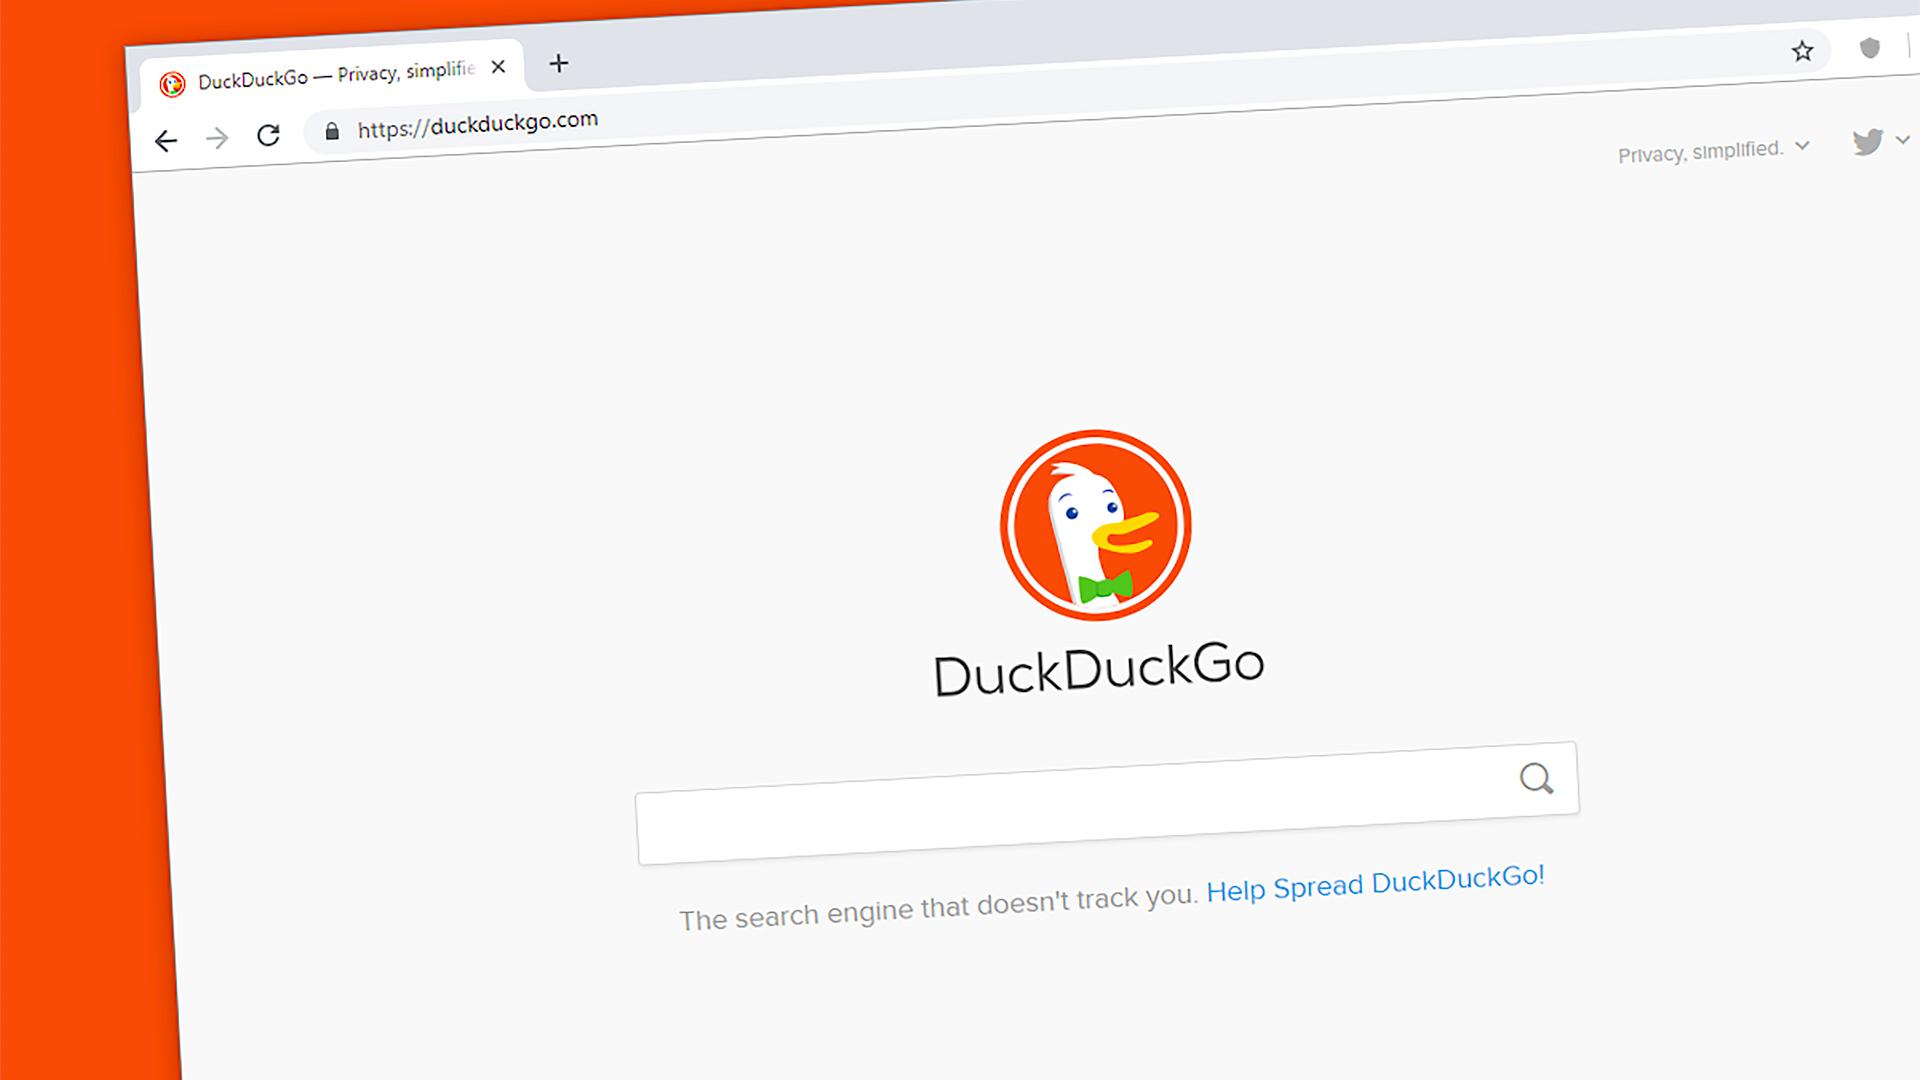 Google продолжает персонализировать результаты поиска после многих лет отказа, говорится в исследовании DuckDuckGo